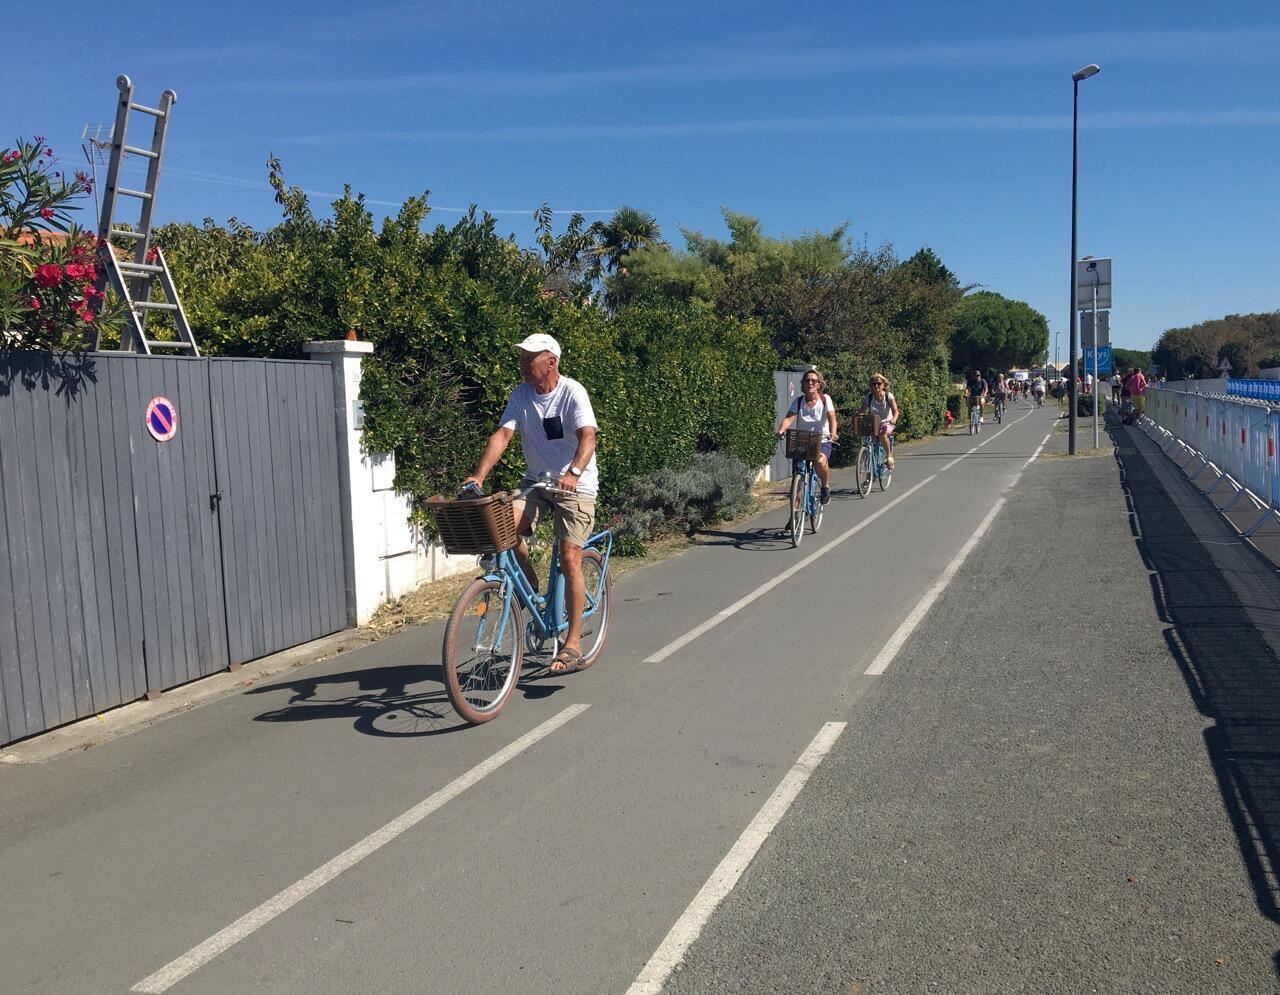 Avant celui du Tour de France, le peloton de l'Île de Ré circule sur l'une des nombreuses pistes cyclables, mardi 8 septembre 2020.